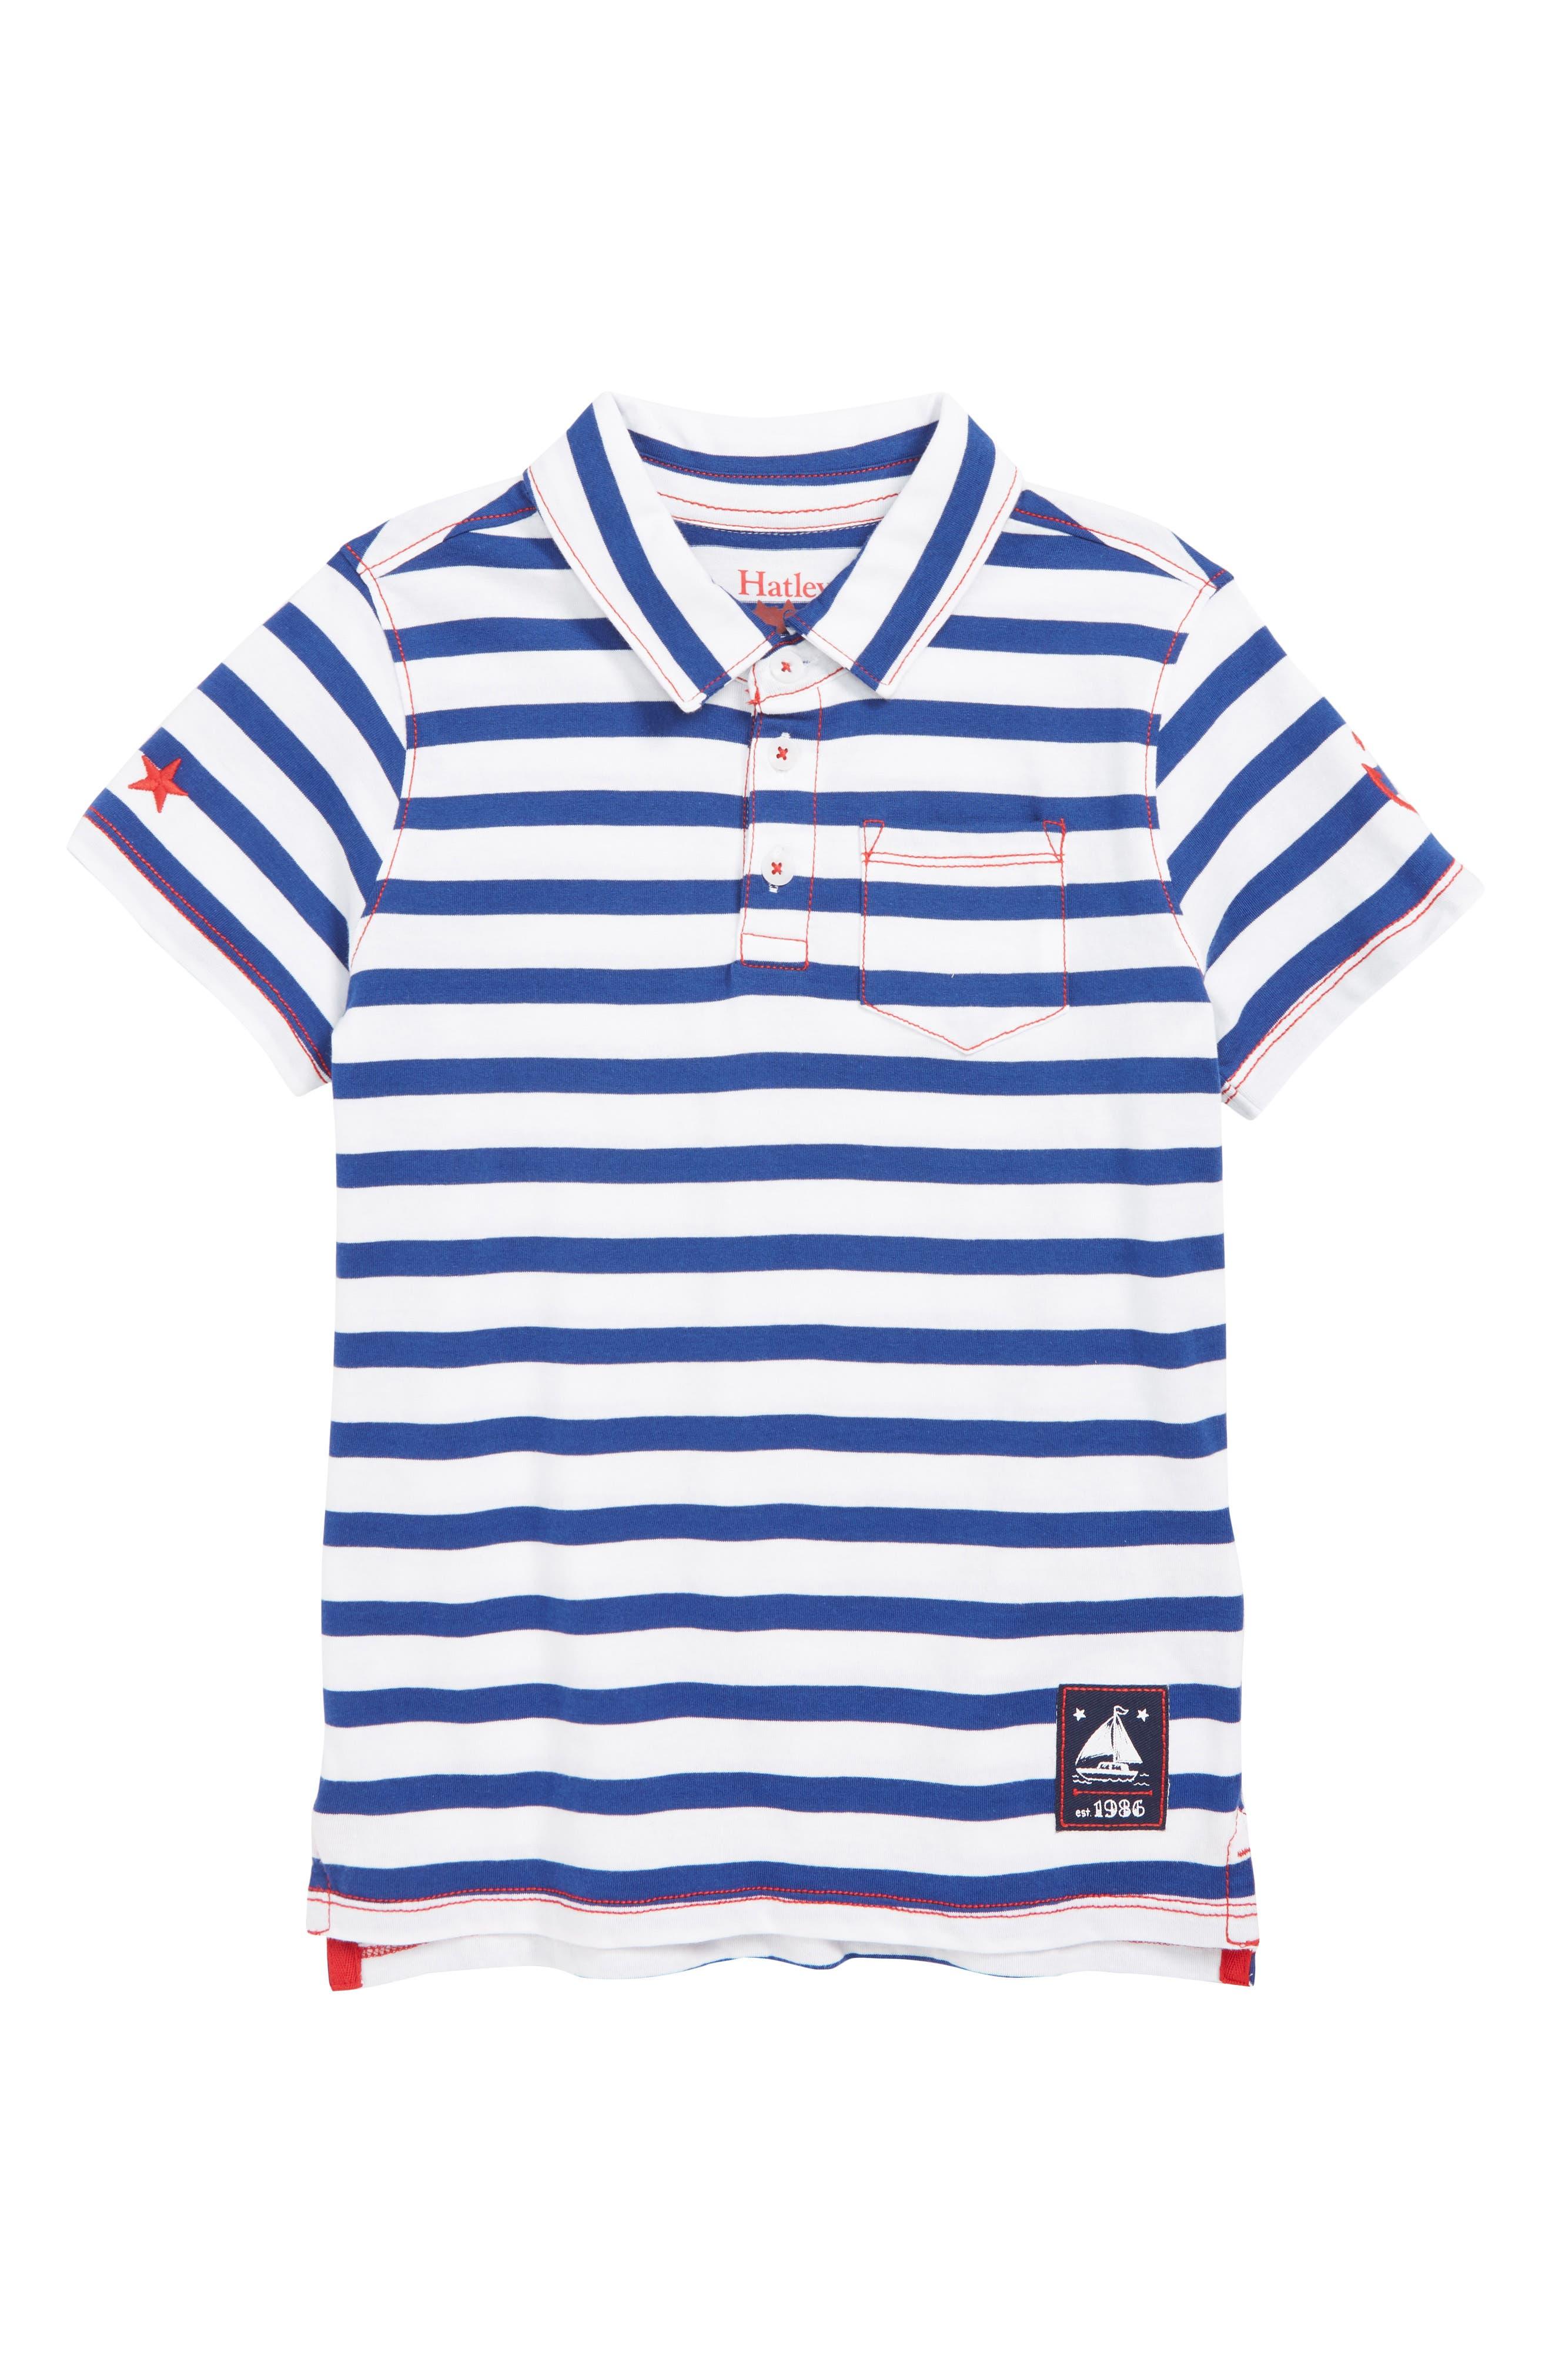 HATLEY, Nautical Stripes Polo, Main thumbnail 1, color, WHITE